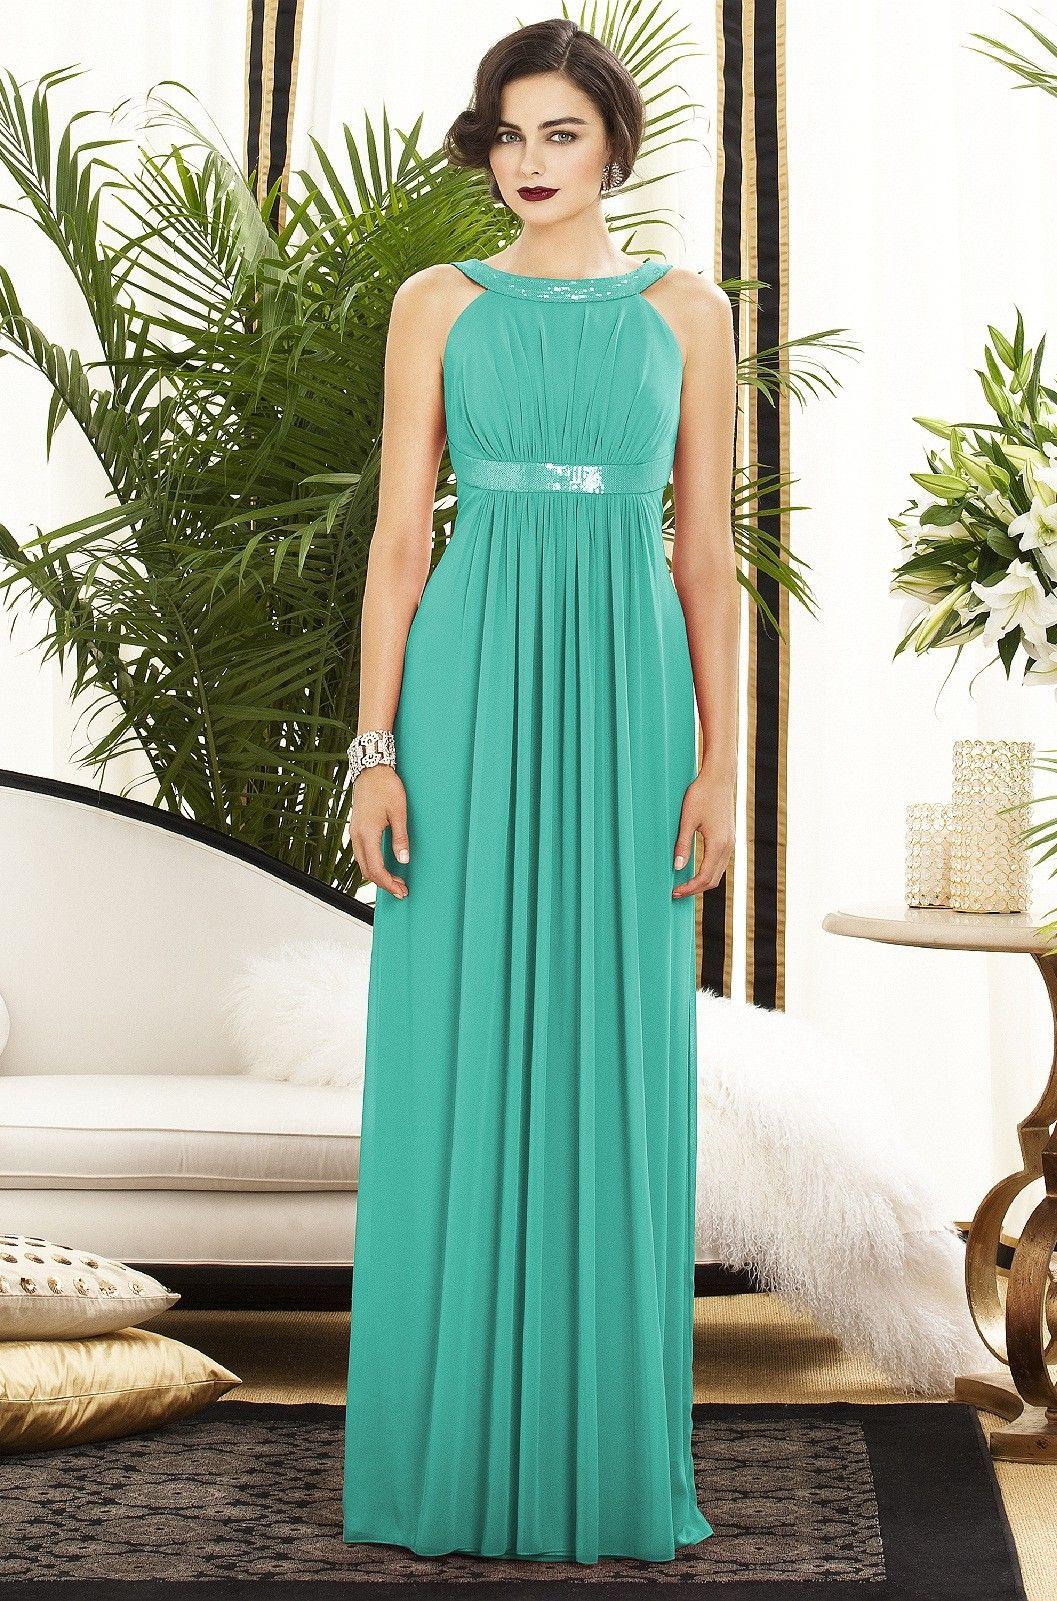 2278d20af73a Dessy 2889 Bridesmaid Dress | Weddington Way | Bridesmaid Dresses!